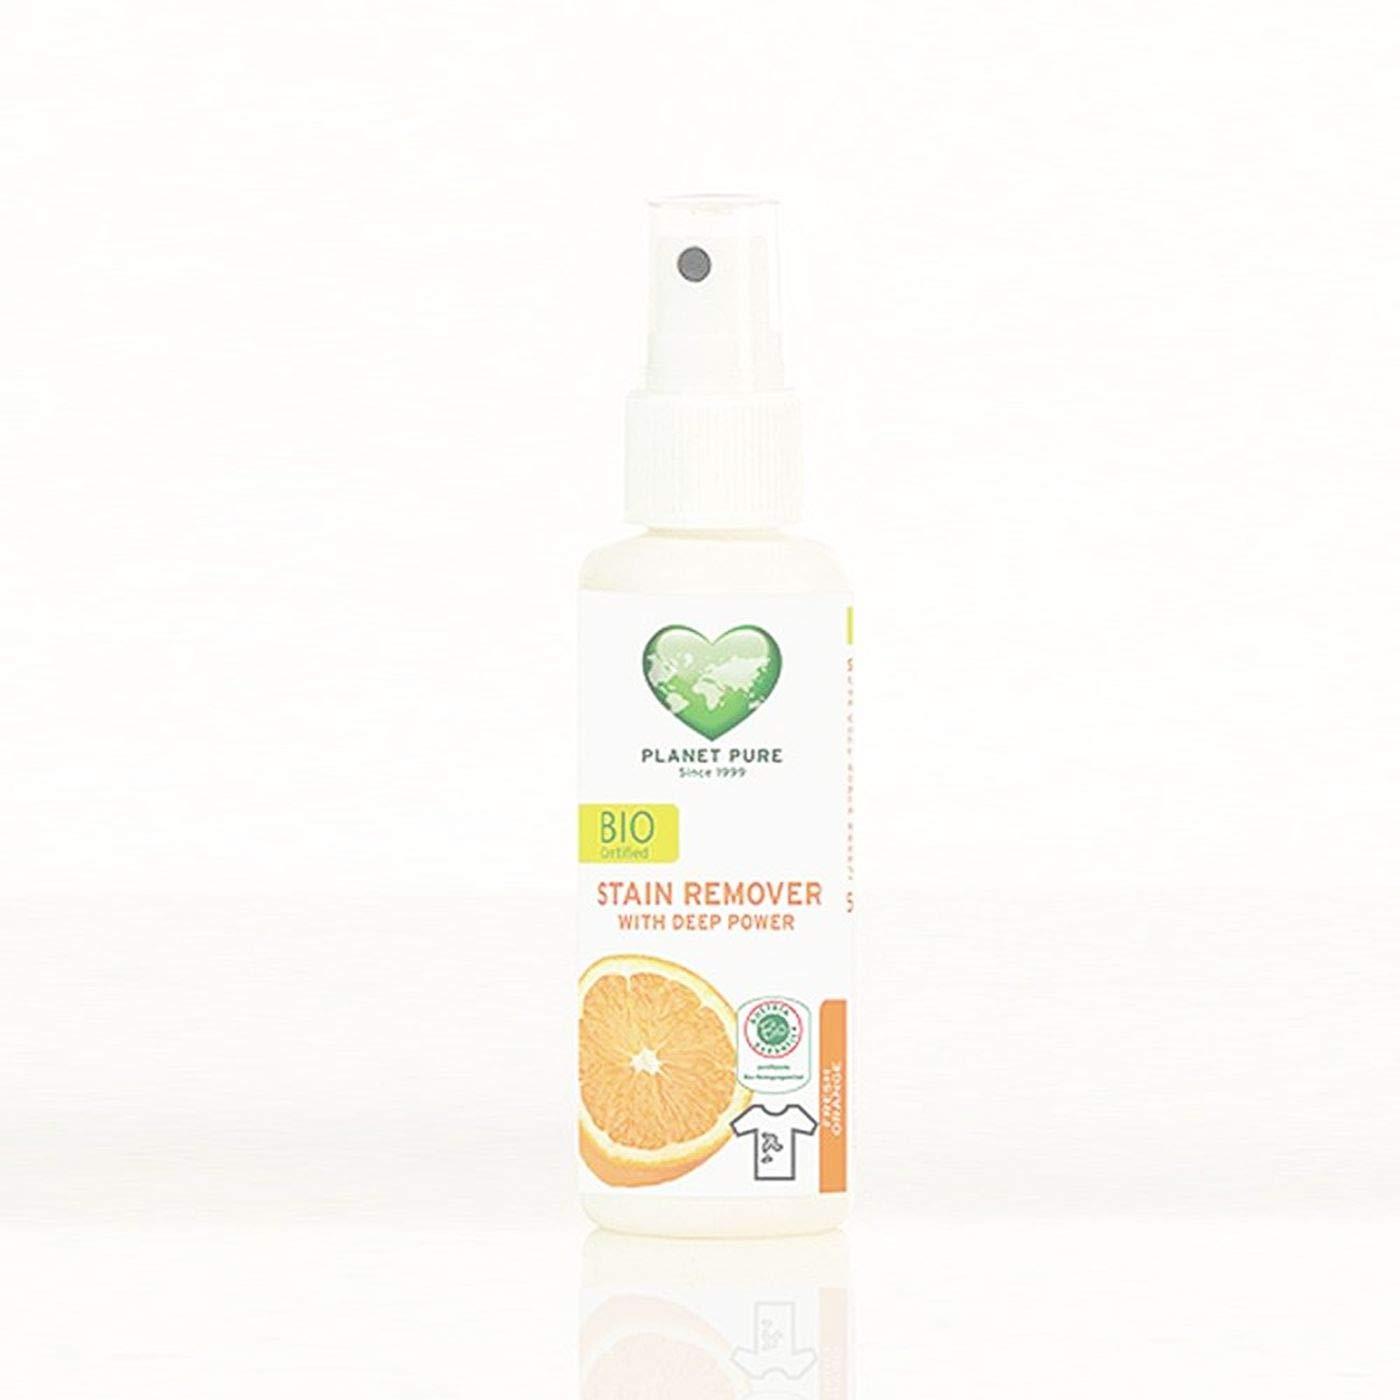 Limpiador de manchas ecológico, color naranja: Amazon.es: Salud y ...